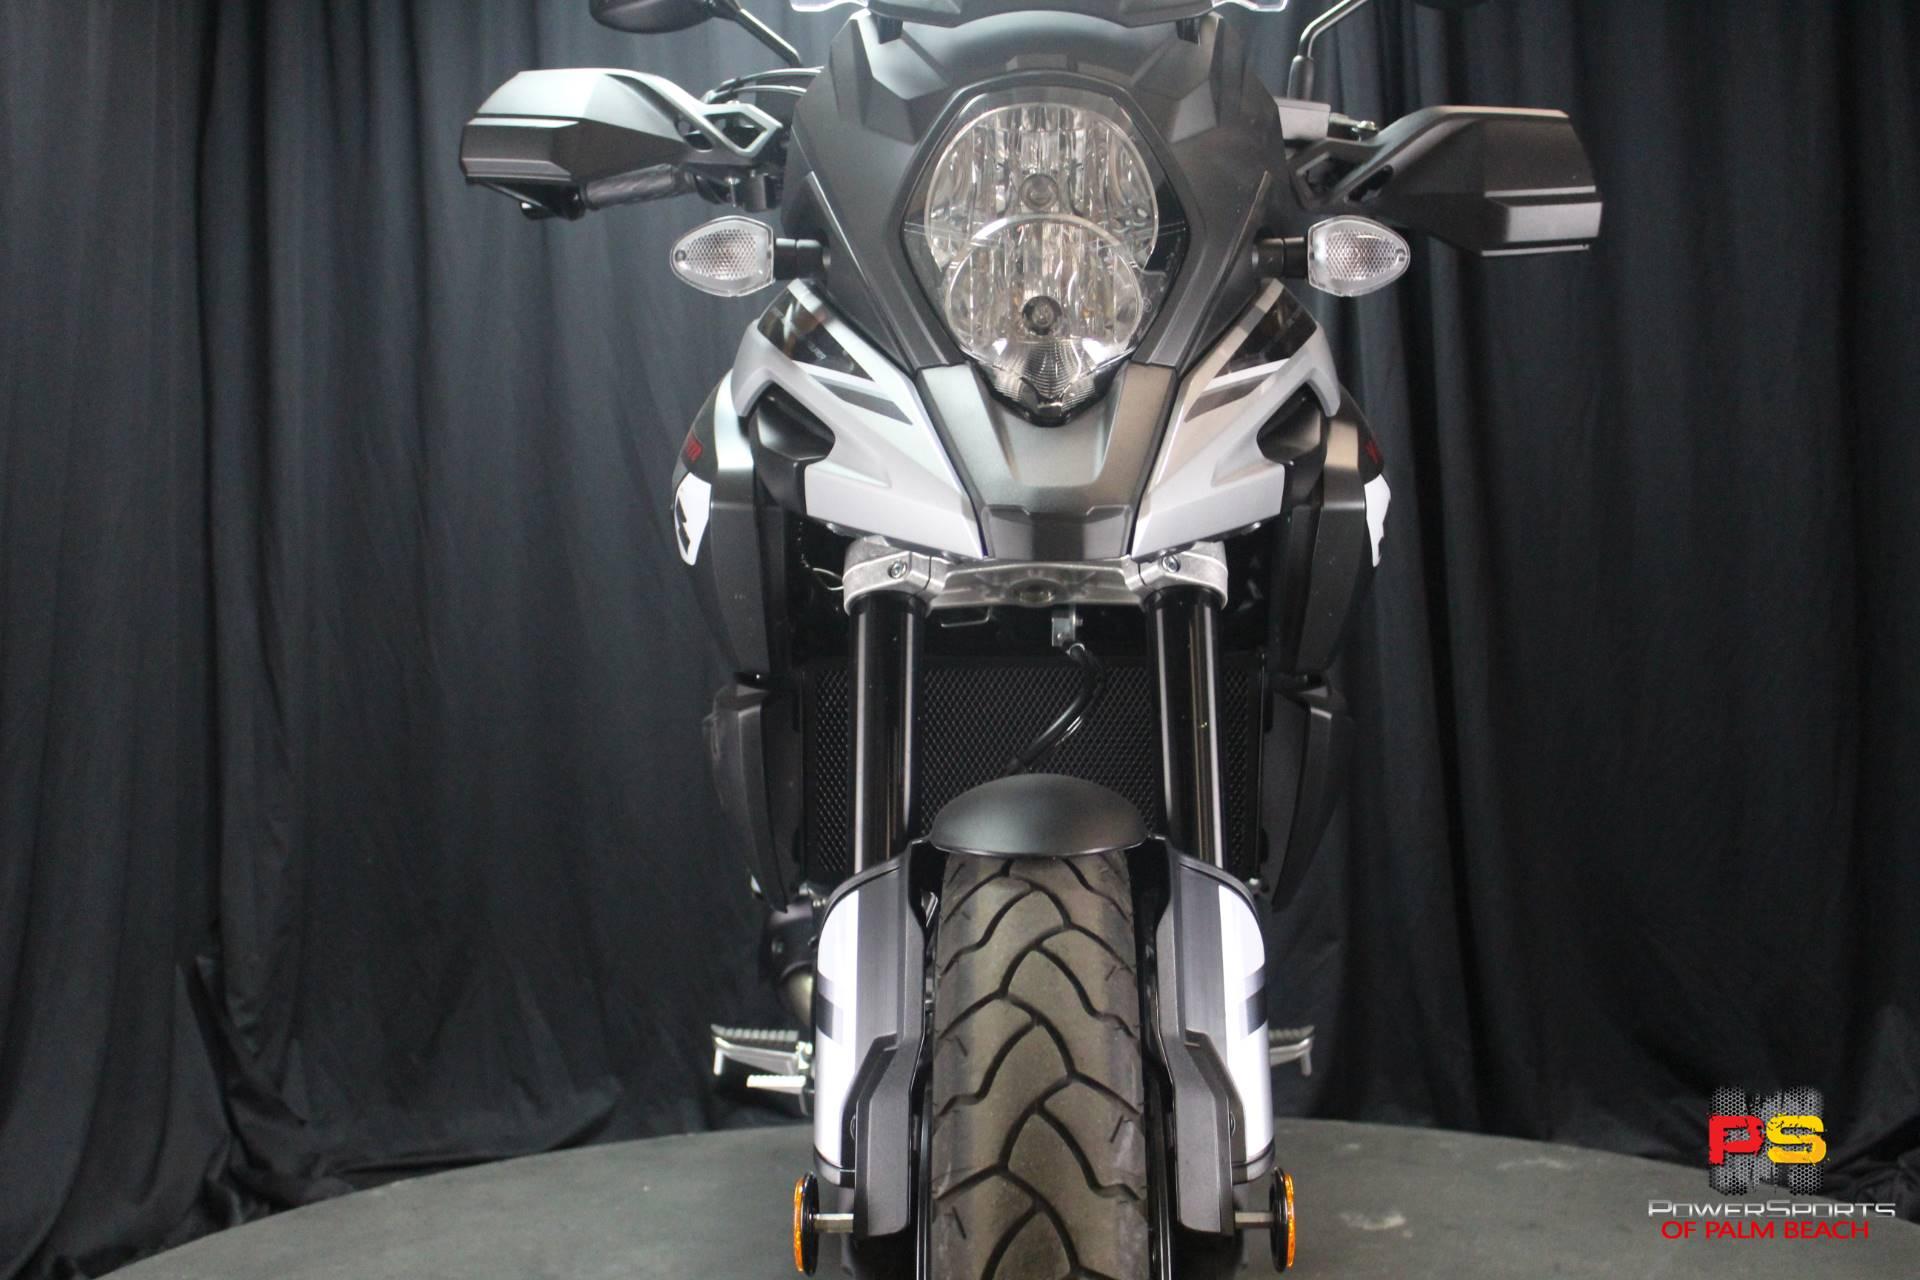 2018 Suzuki V-Strom 1000XT 11